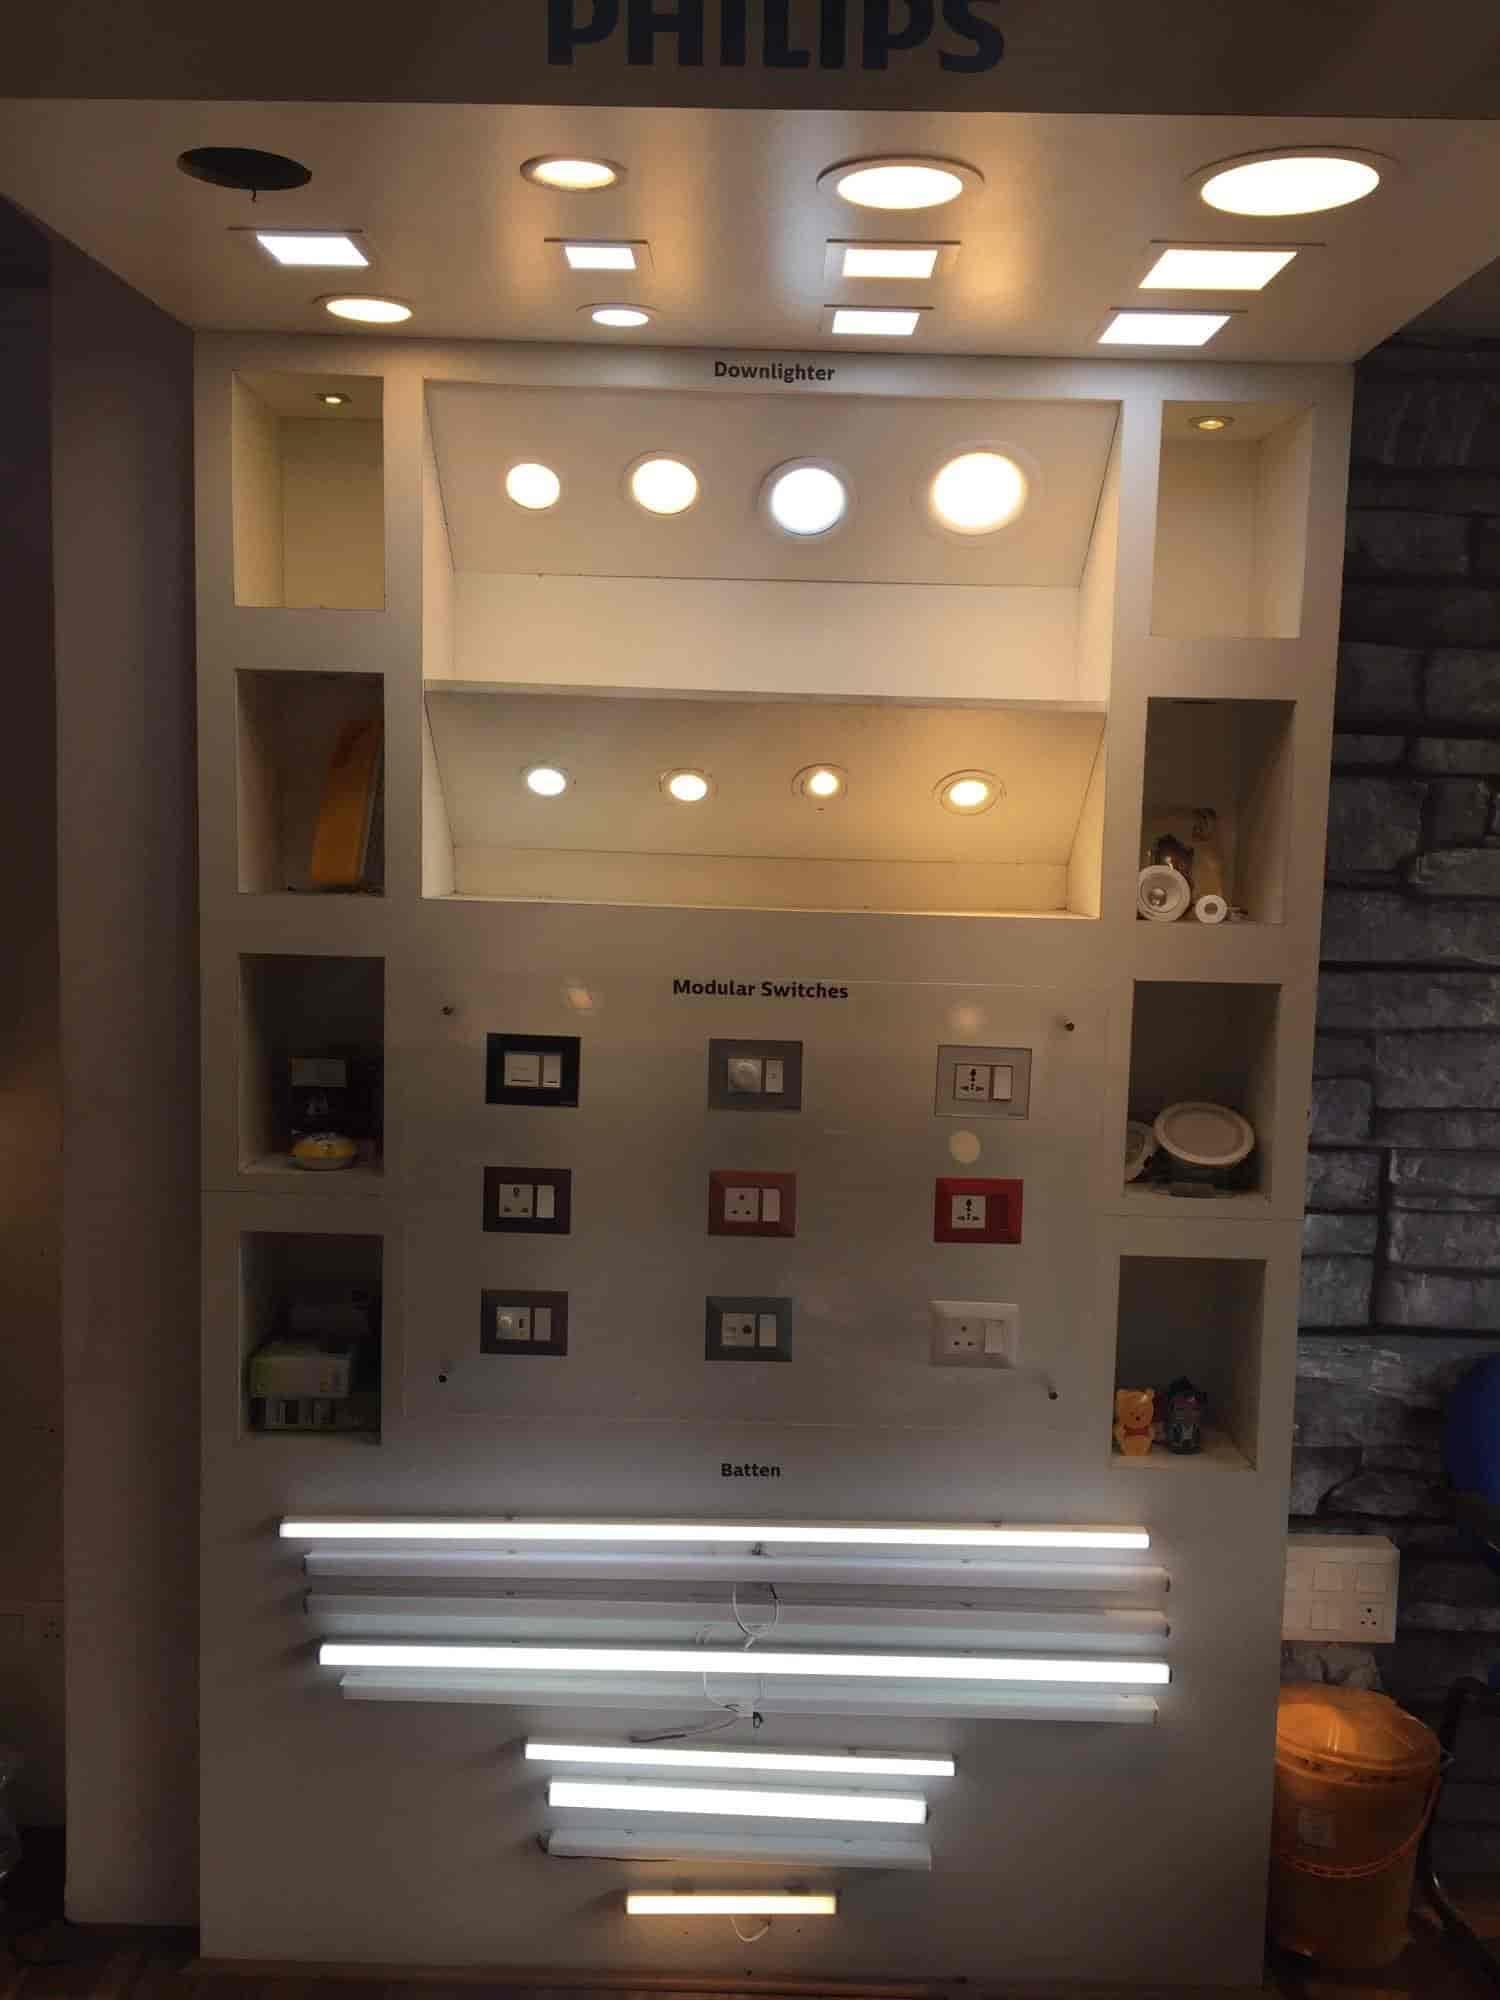 Philips lighting fixtures showrooms light fixtures philips lighting fixtures showrooms light arubaitofo Gallery